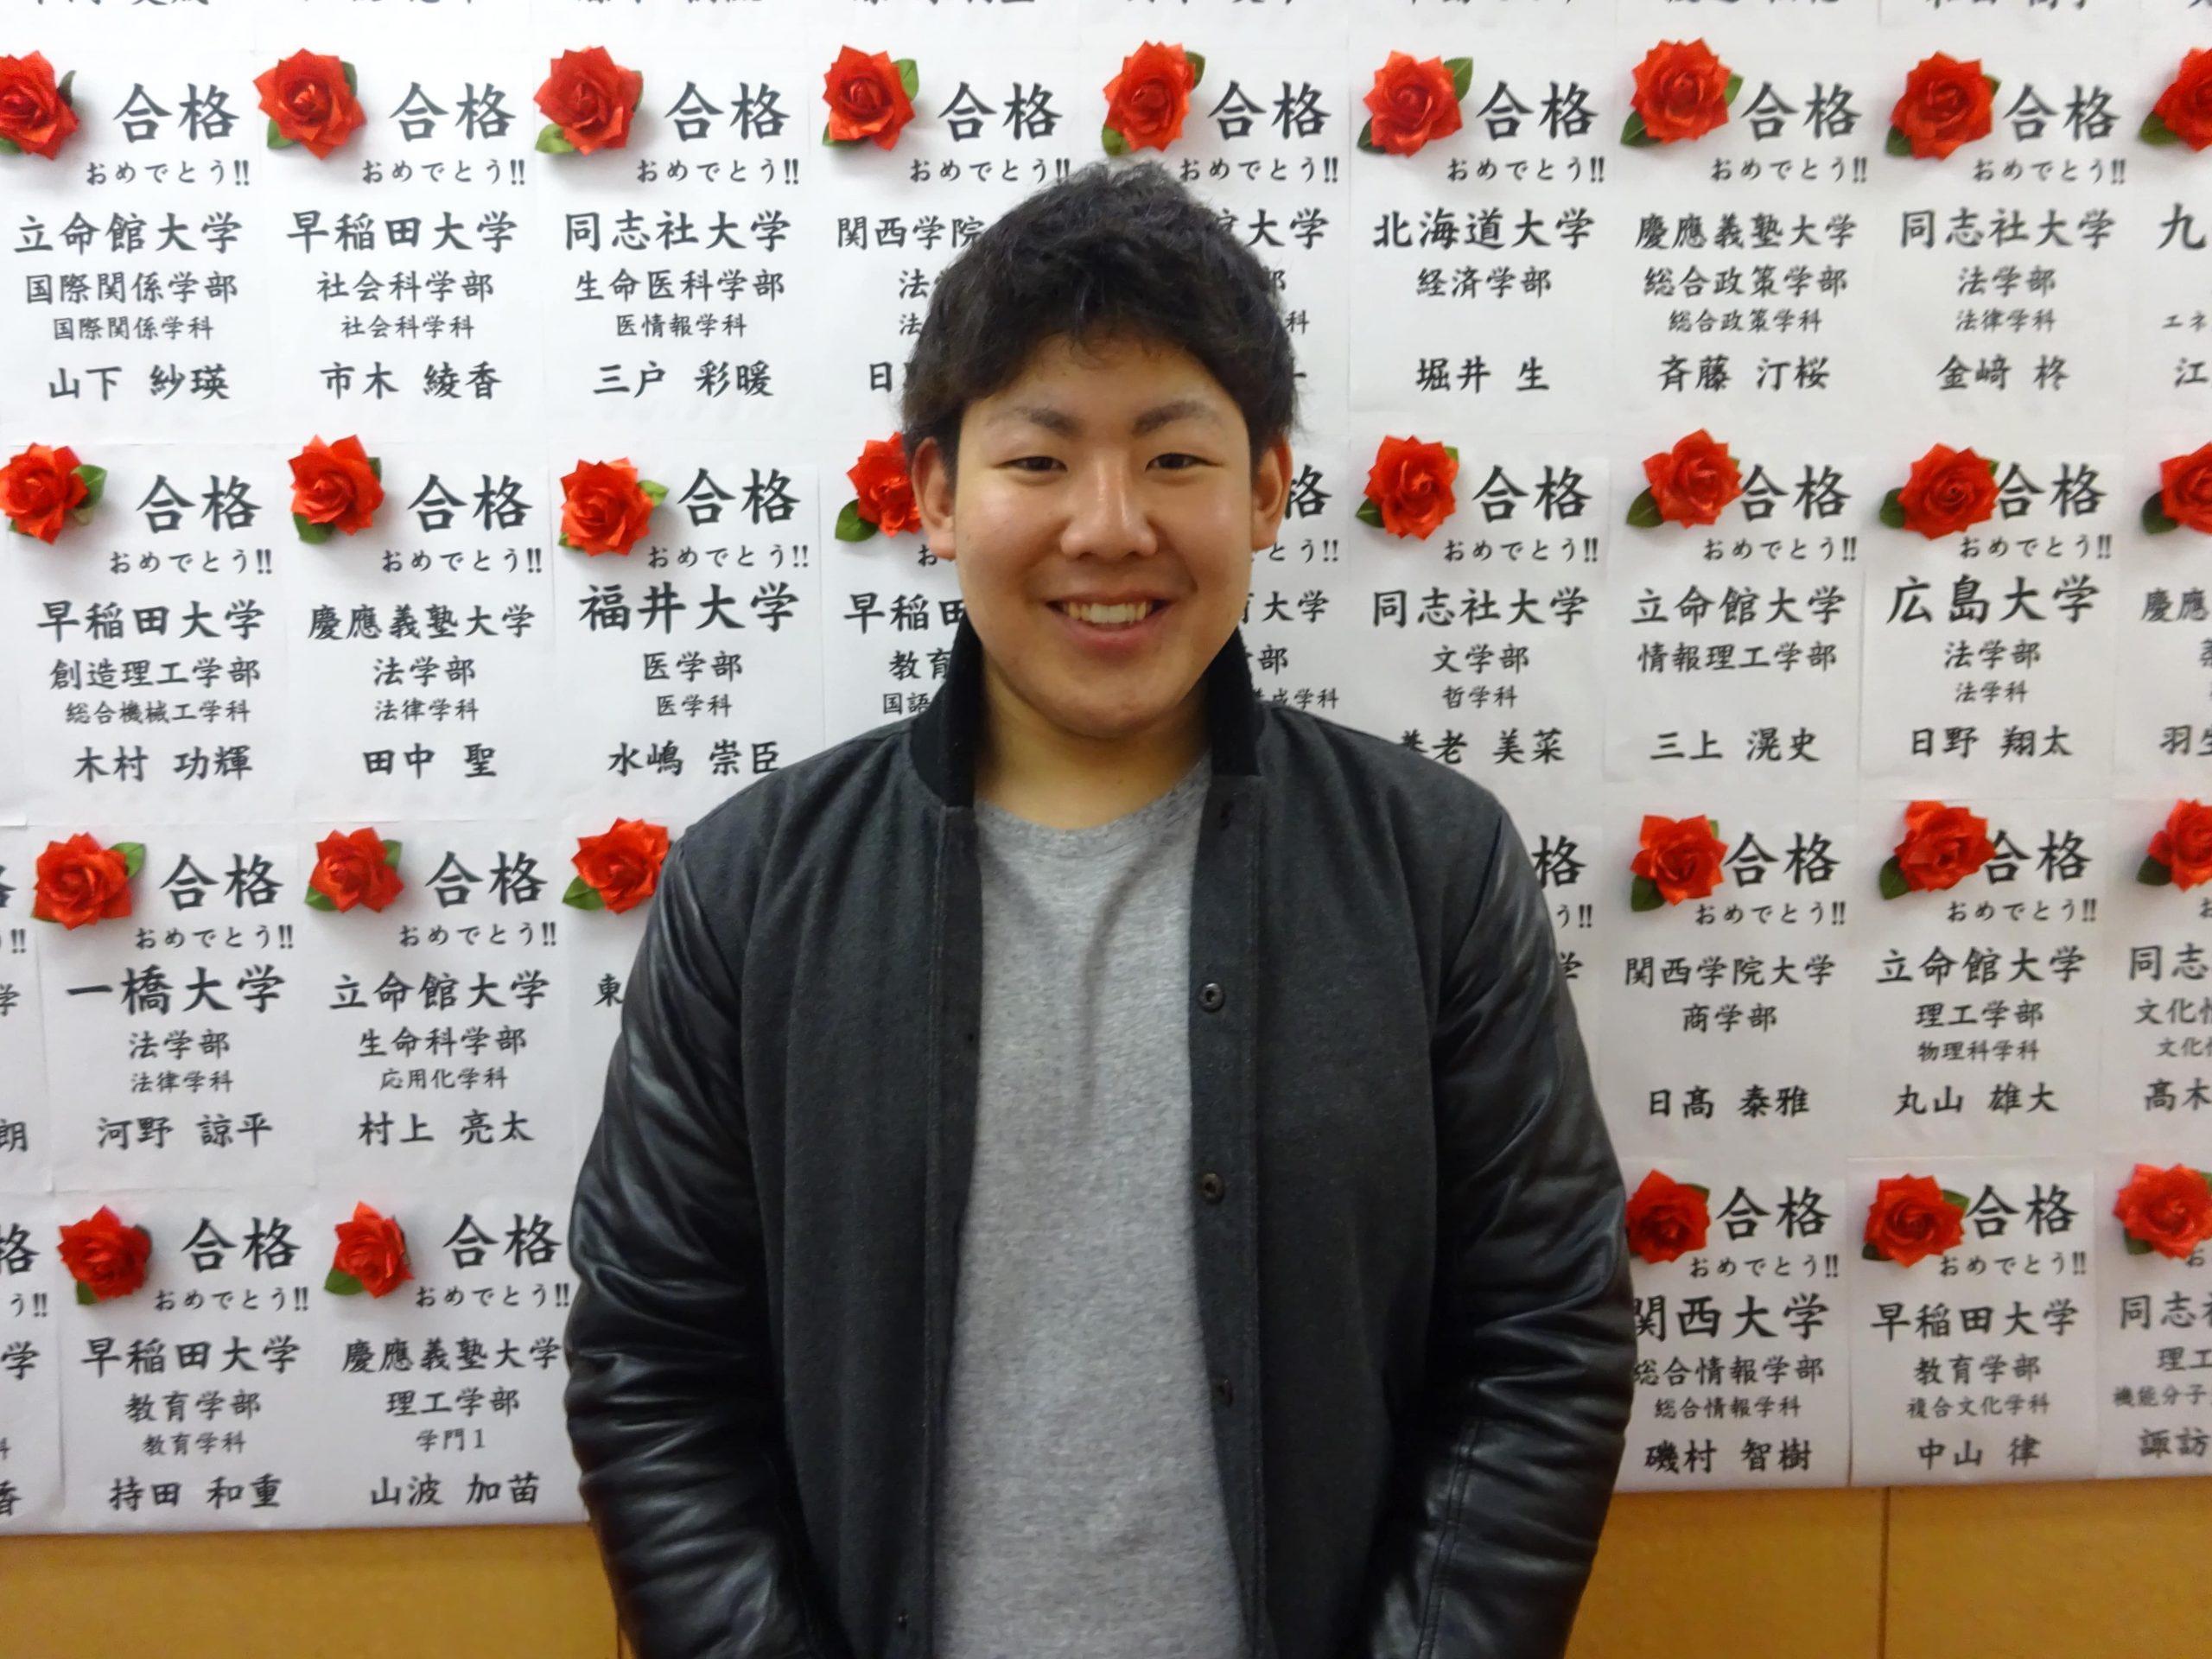 大阪大学合格者1